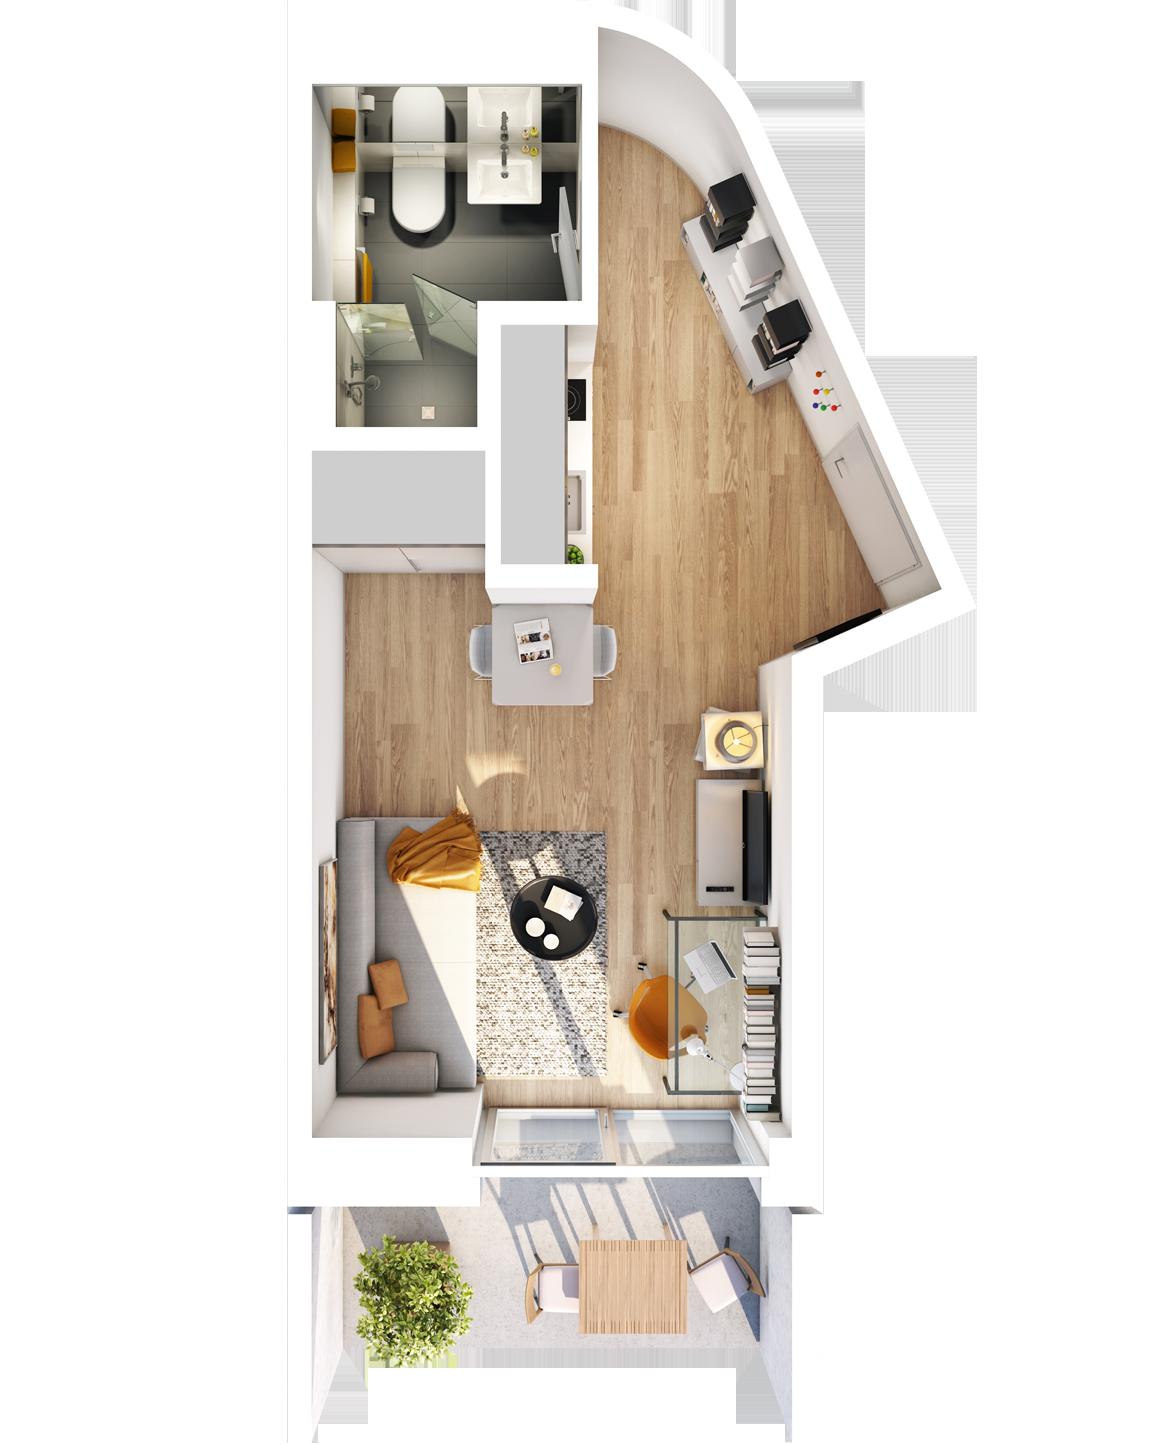 Visualisierung Beispiel 1-Zimmer-Wohnung Typ D im außergewöhnlichen Schnitt mit Bad, separater Küche, Wohnbereich und Dachterrasse im studiosus 5 Apartmenthaus in Augsburg